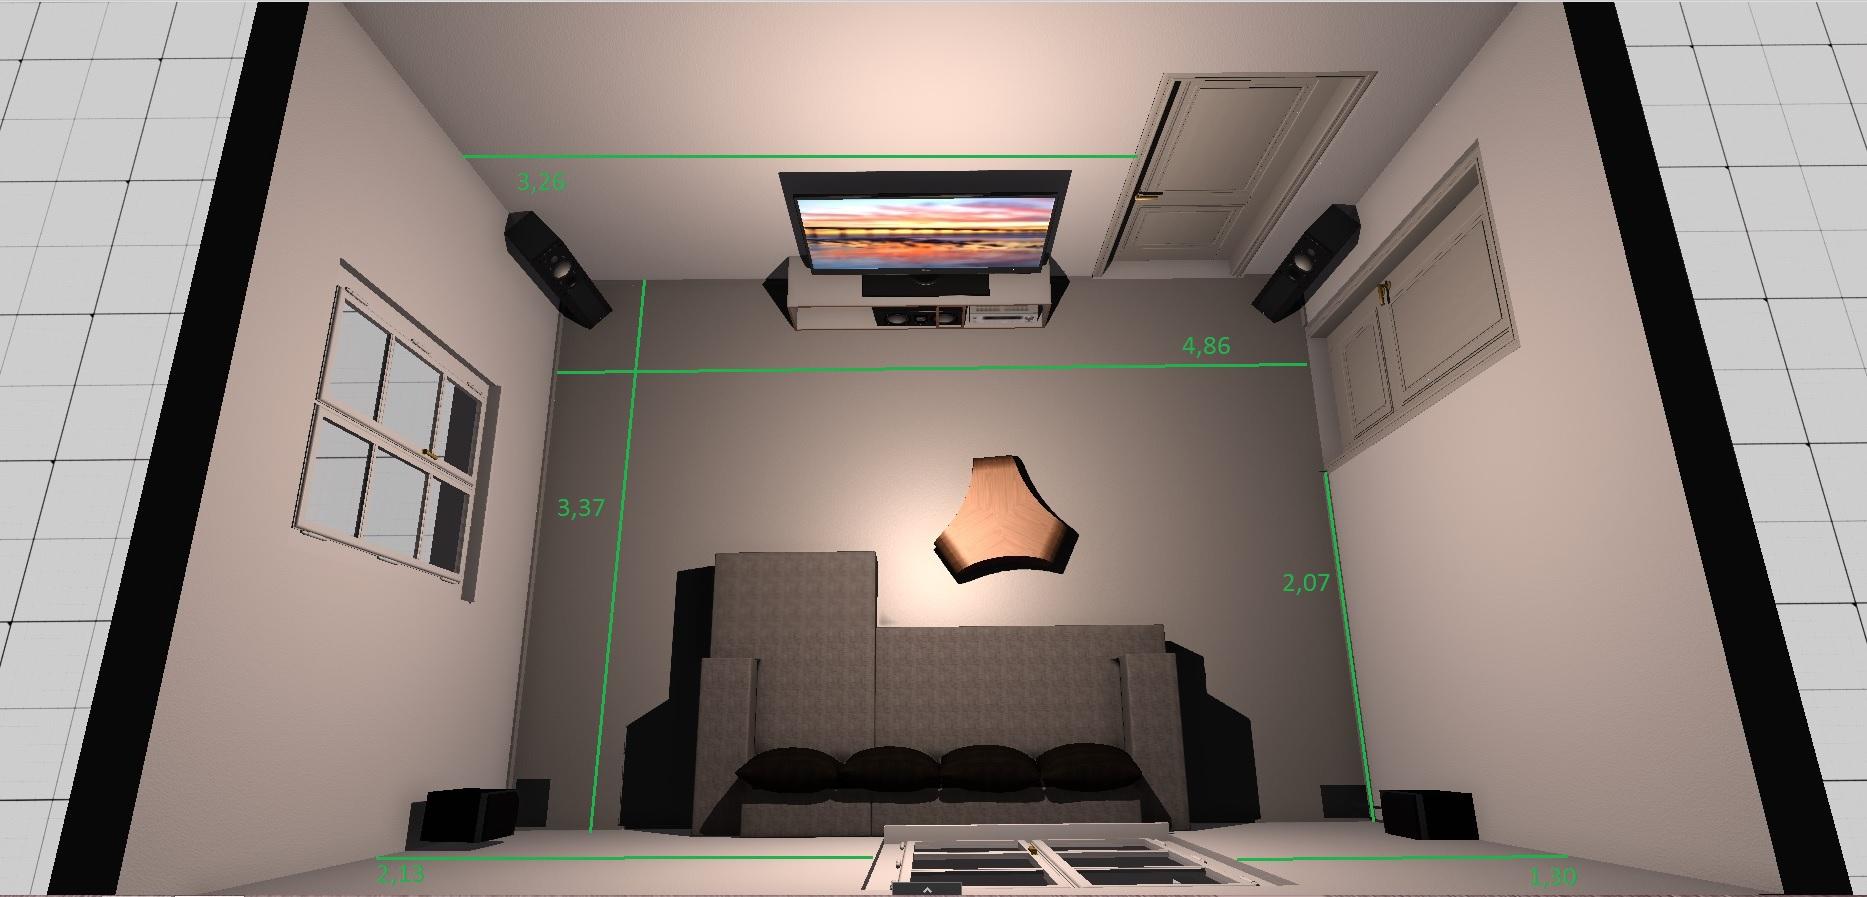 Wohnzimmer eingerichtet hifi bildergalerie for Wohnzimmer eingerichtet